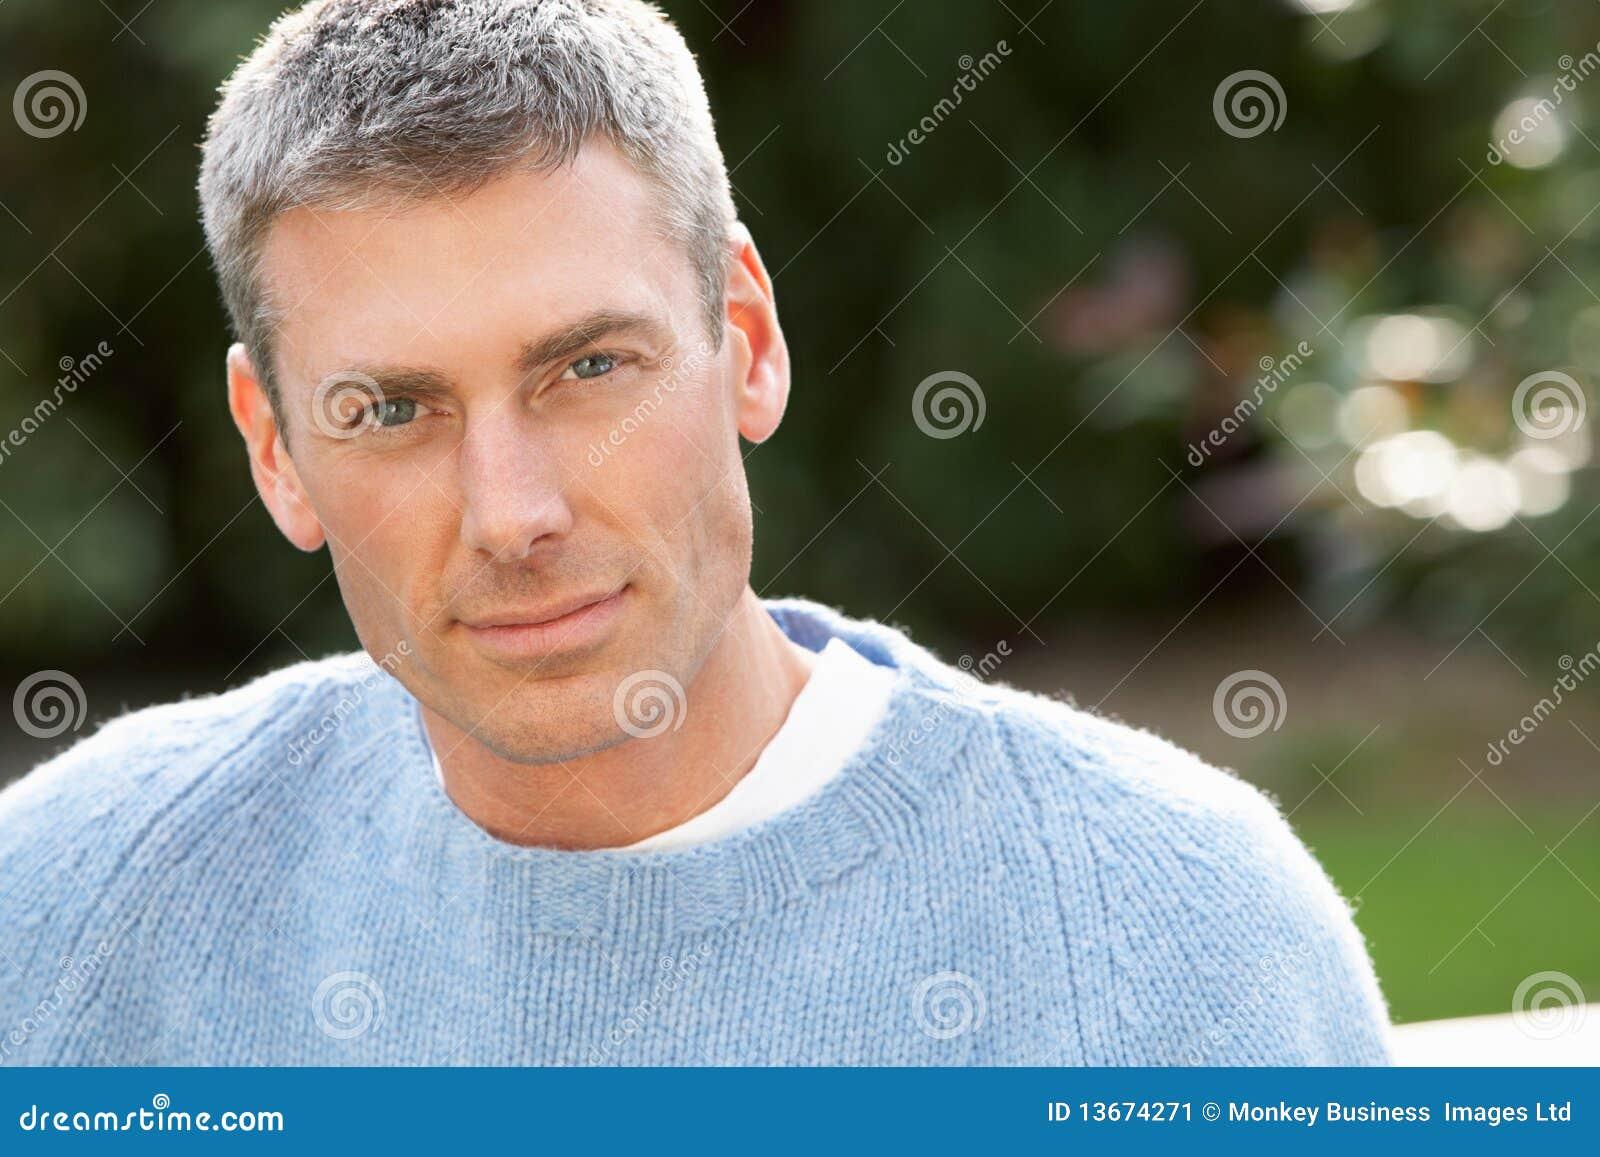 Фотографии взрослых мужчины 14 фотография